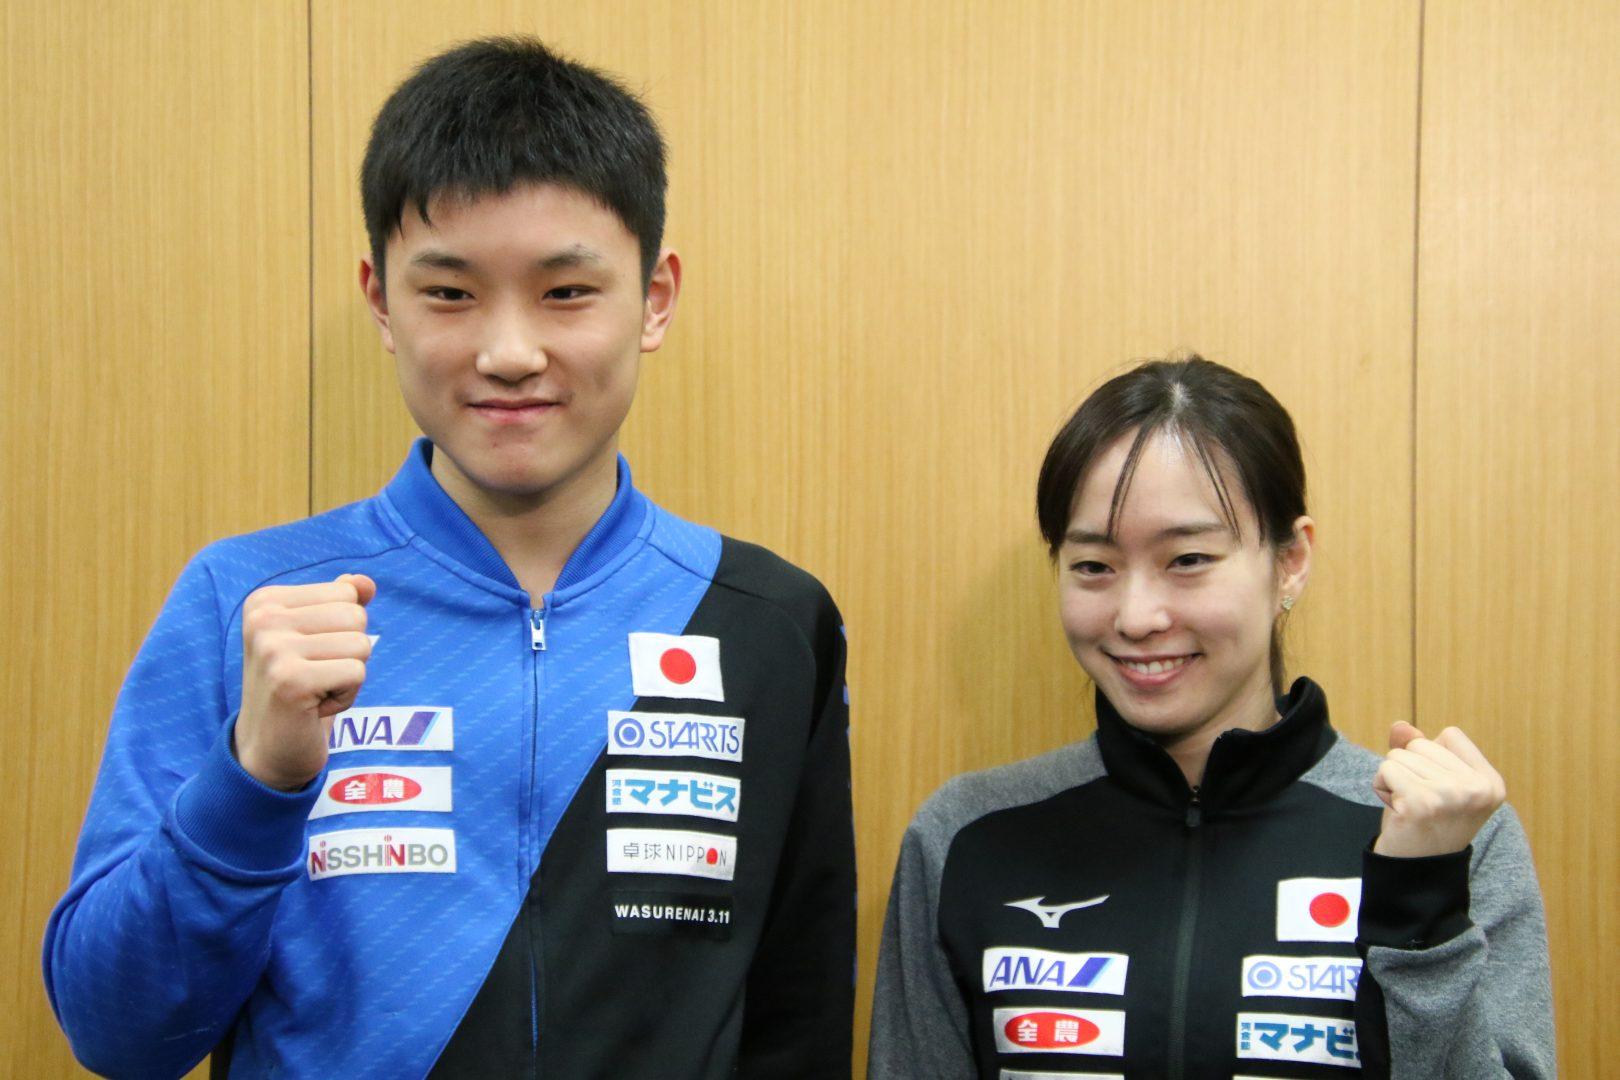 張本智和、初の卓球五輪代表へ 「新たなスタートだと思って頑張りたい」